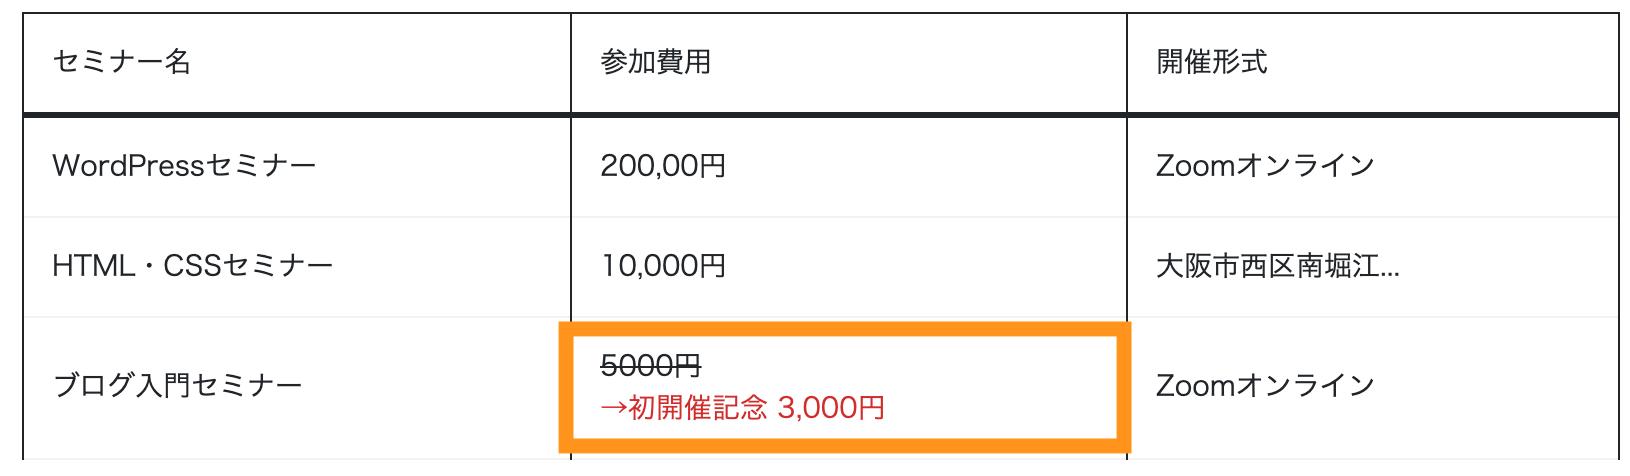 「→初開催キャンペーン3,000円」部分が赤色文字になりました